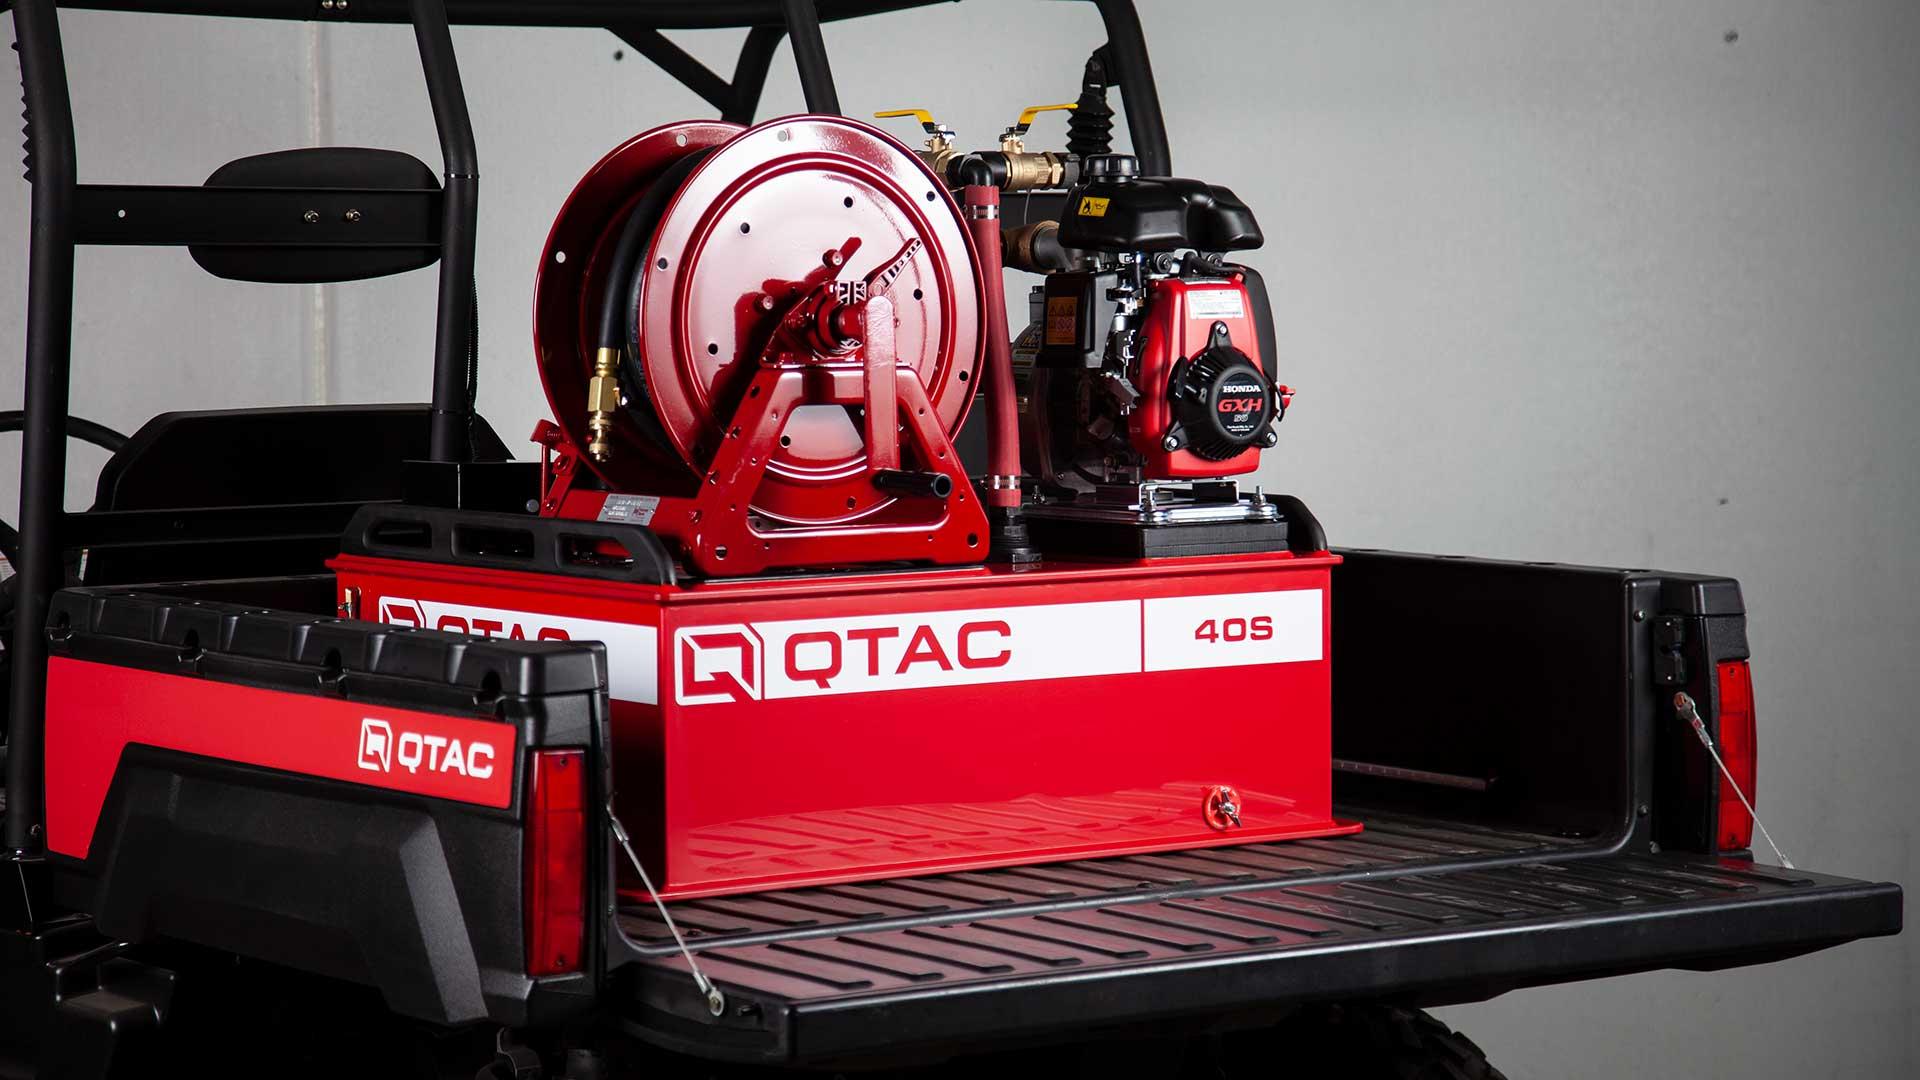 QTAC 40S